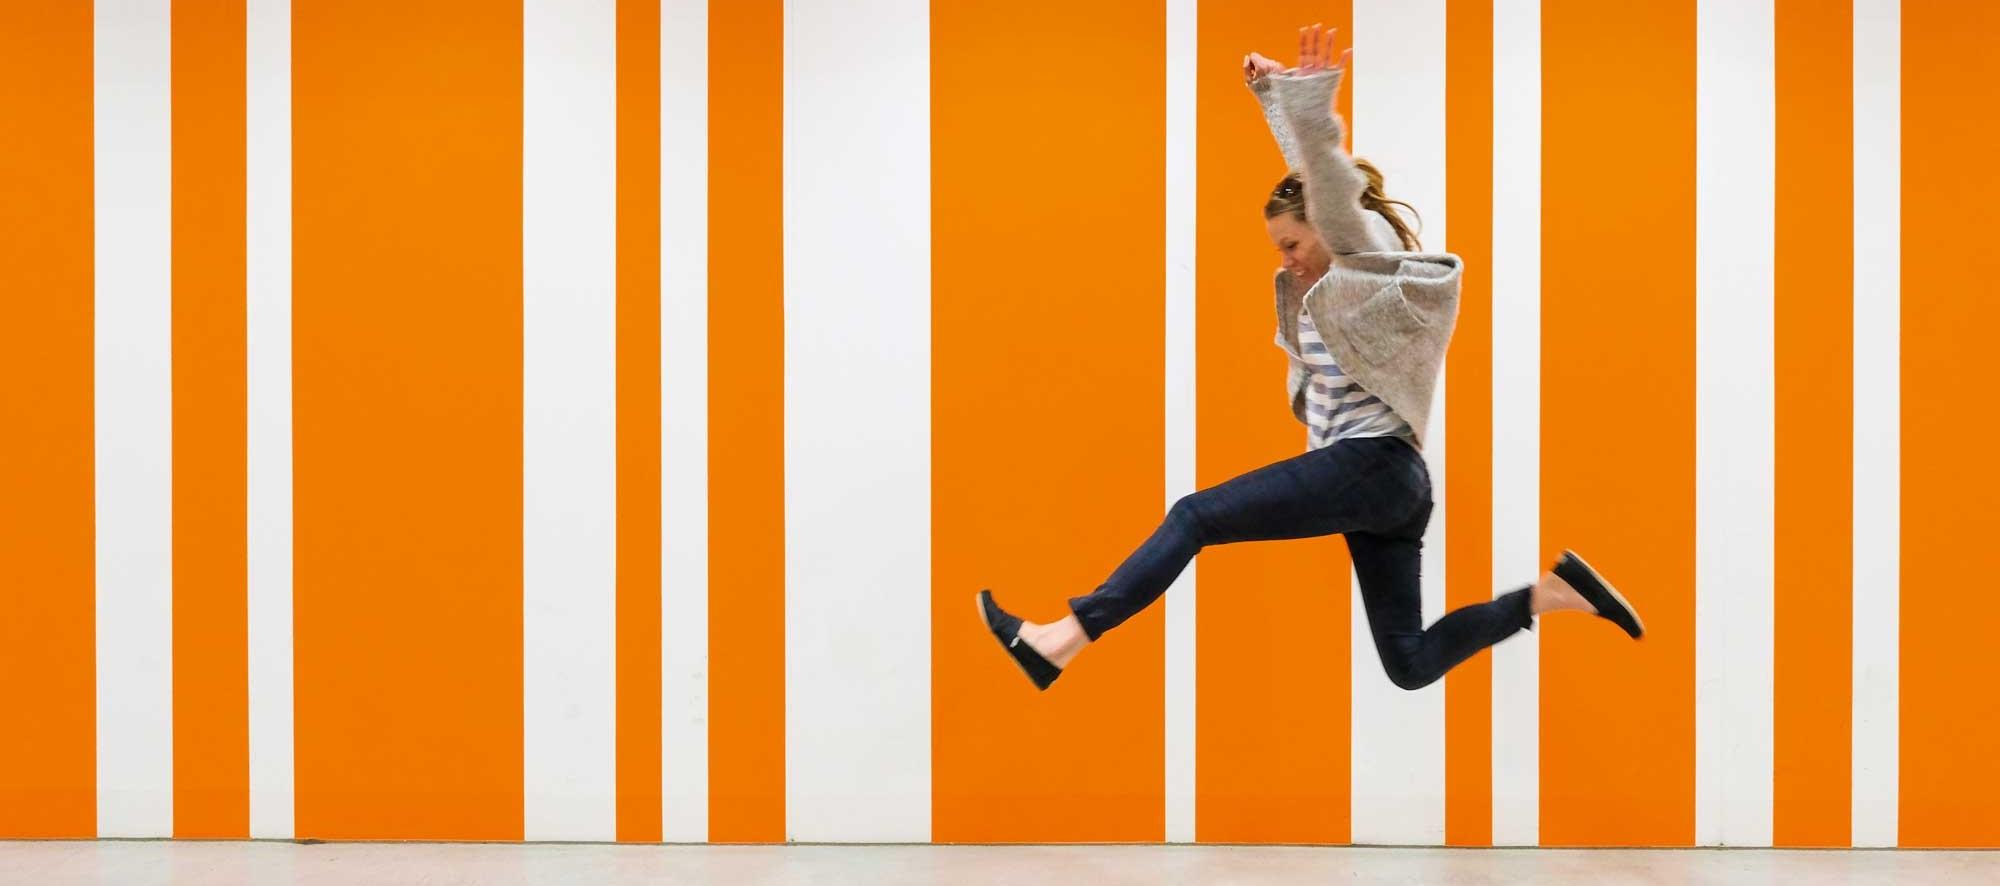 Schmetterling Startseite Partnerschaft - Frau hüpft freudig vor orange-weiß gestreiftem Hintergrund